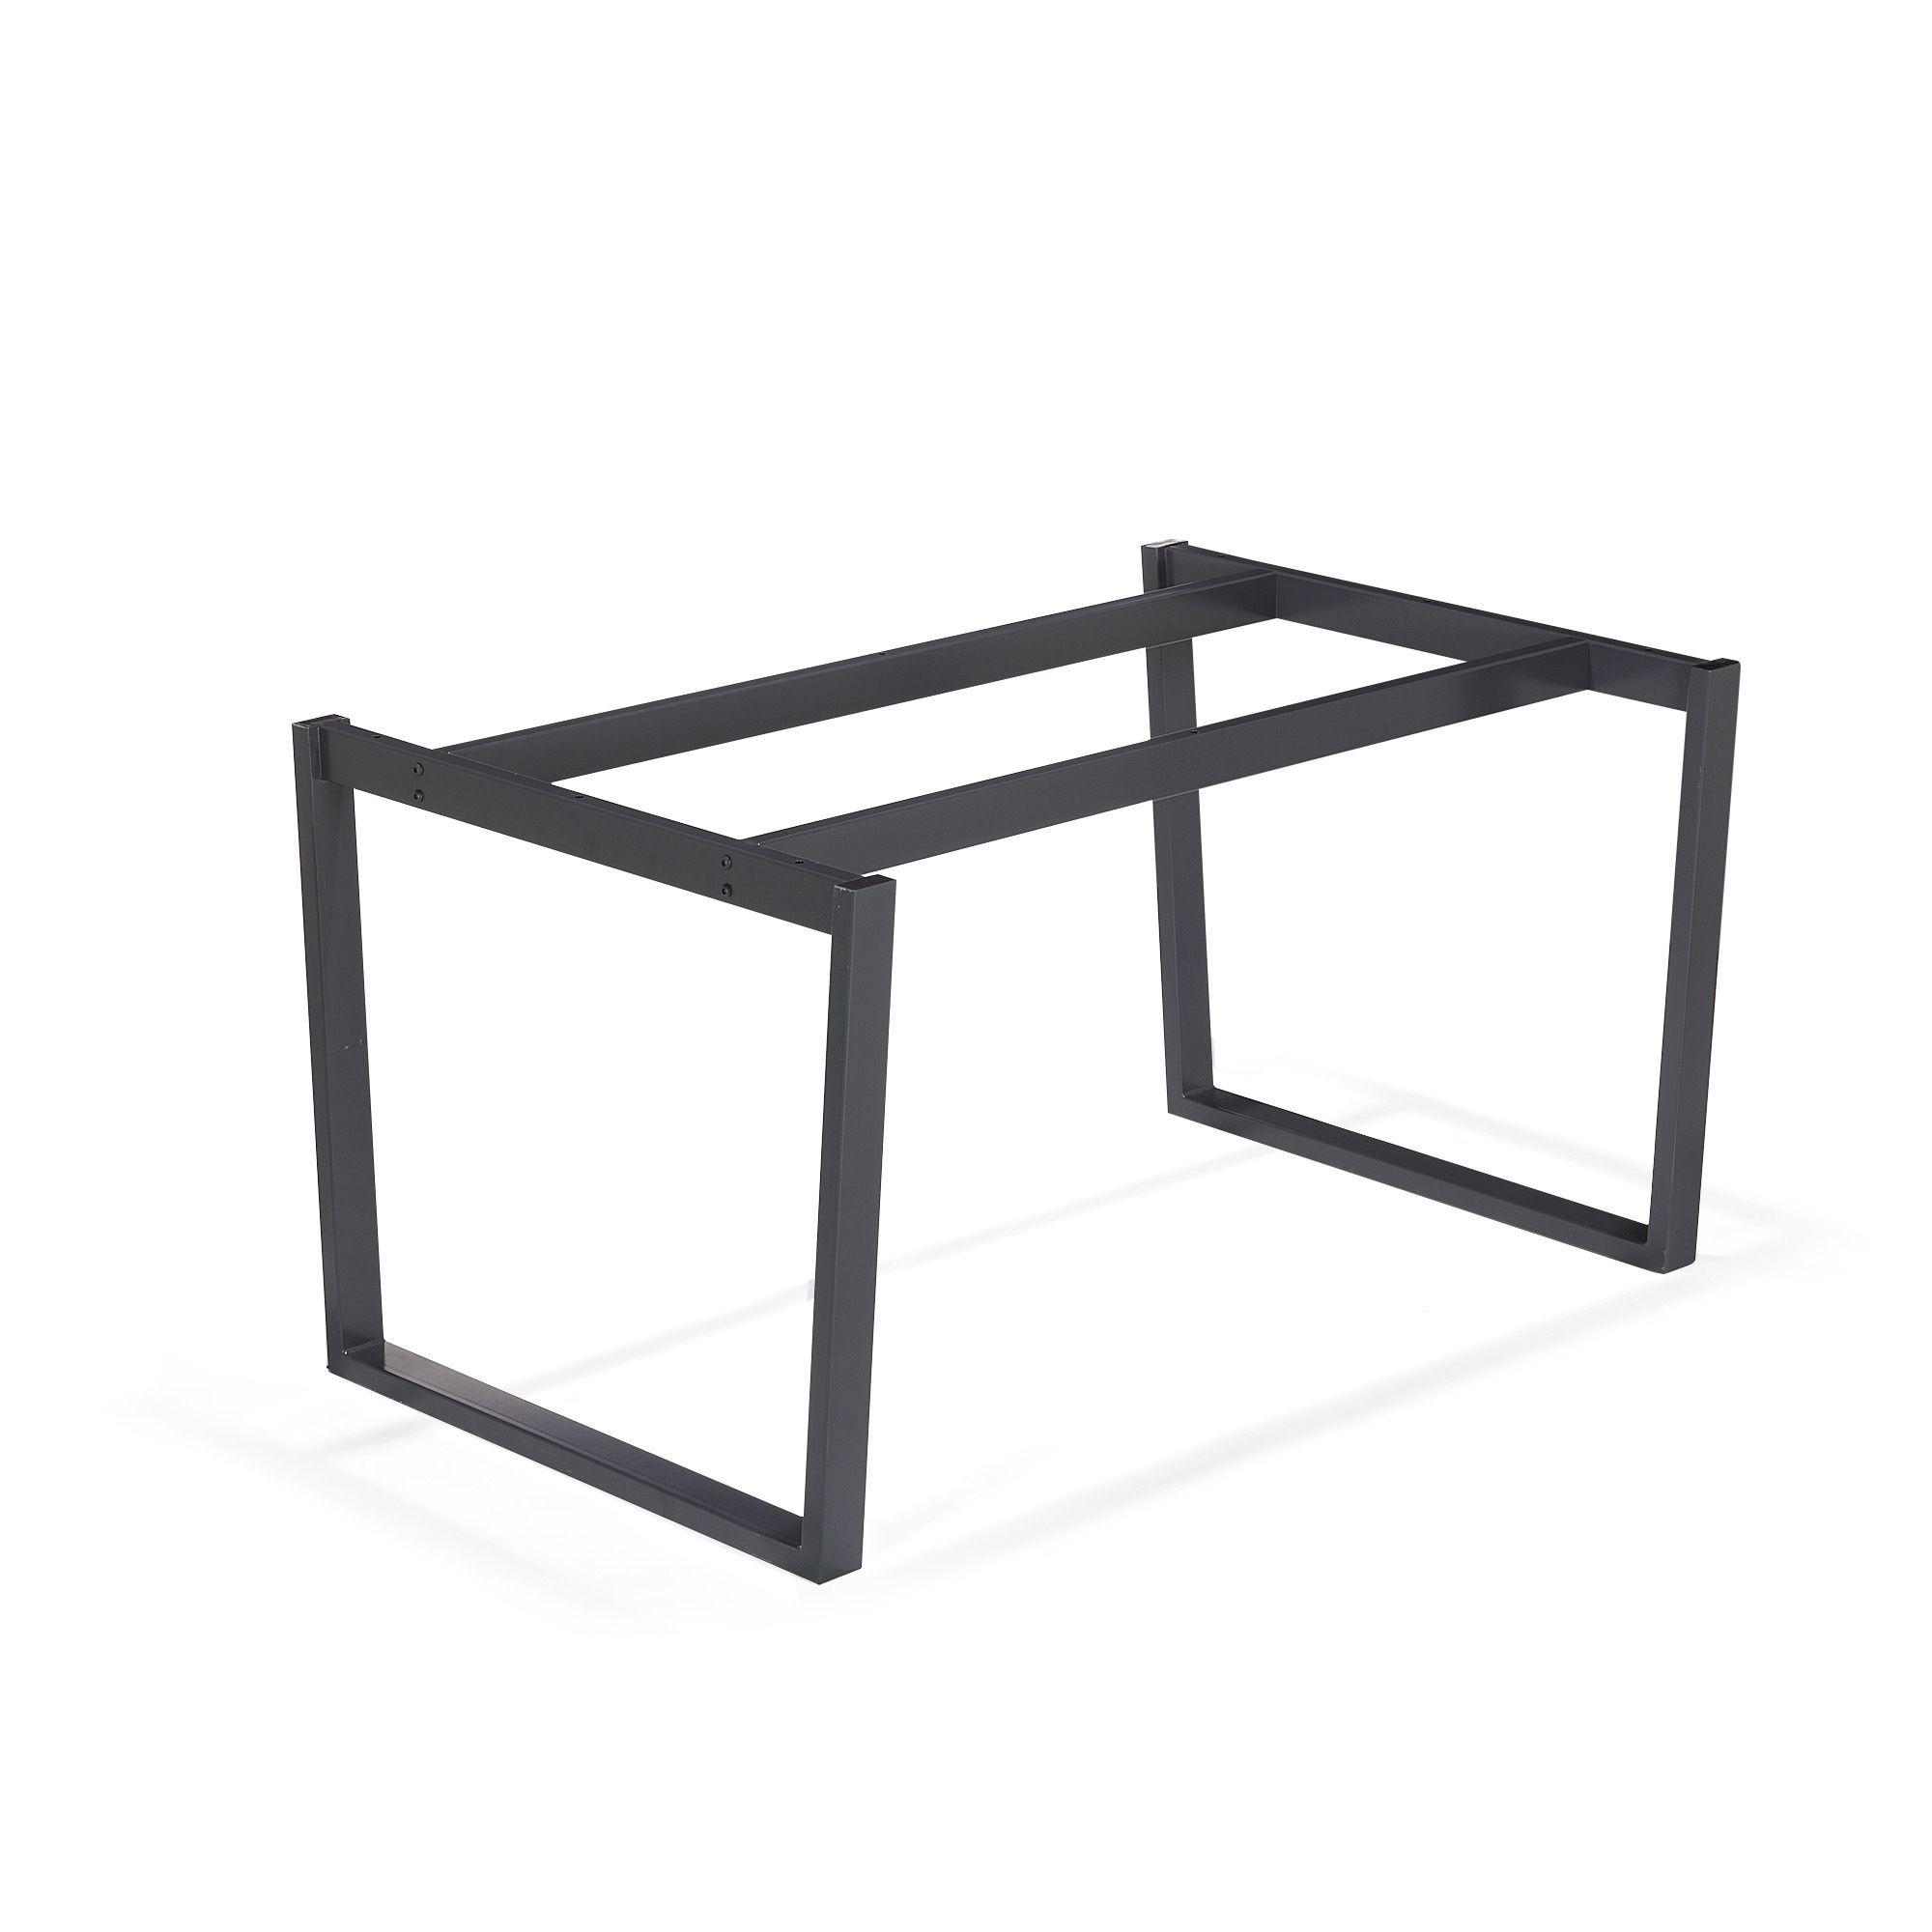 piétement en acier noir noir - vario moma - tables rectangulaires